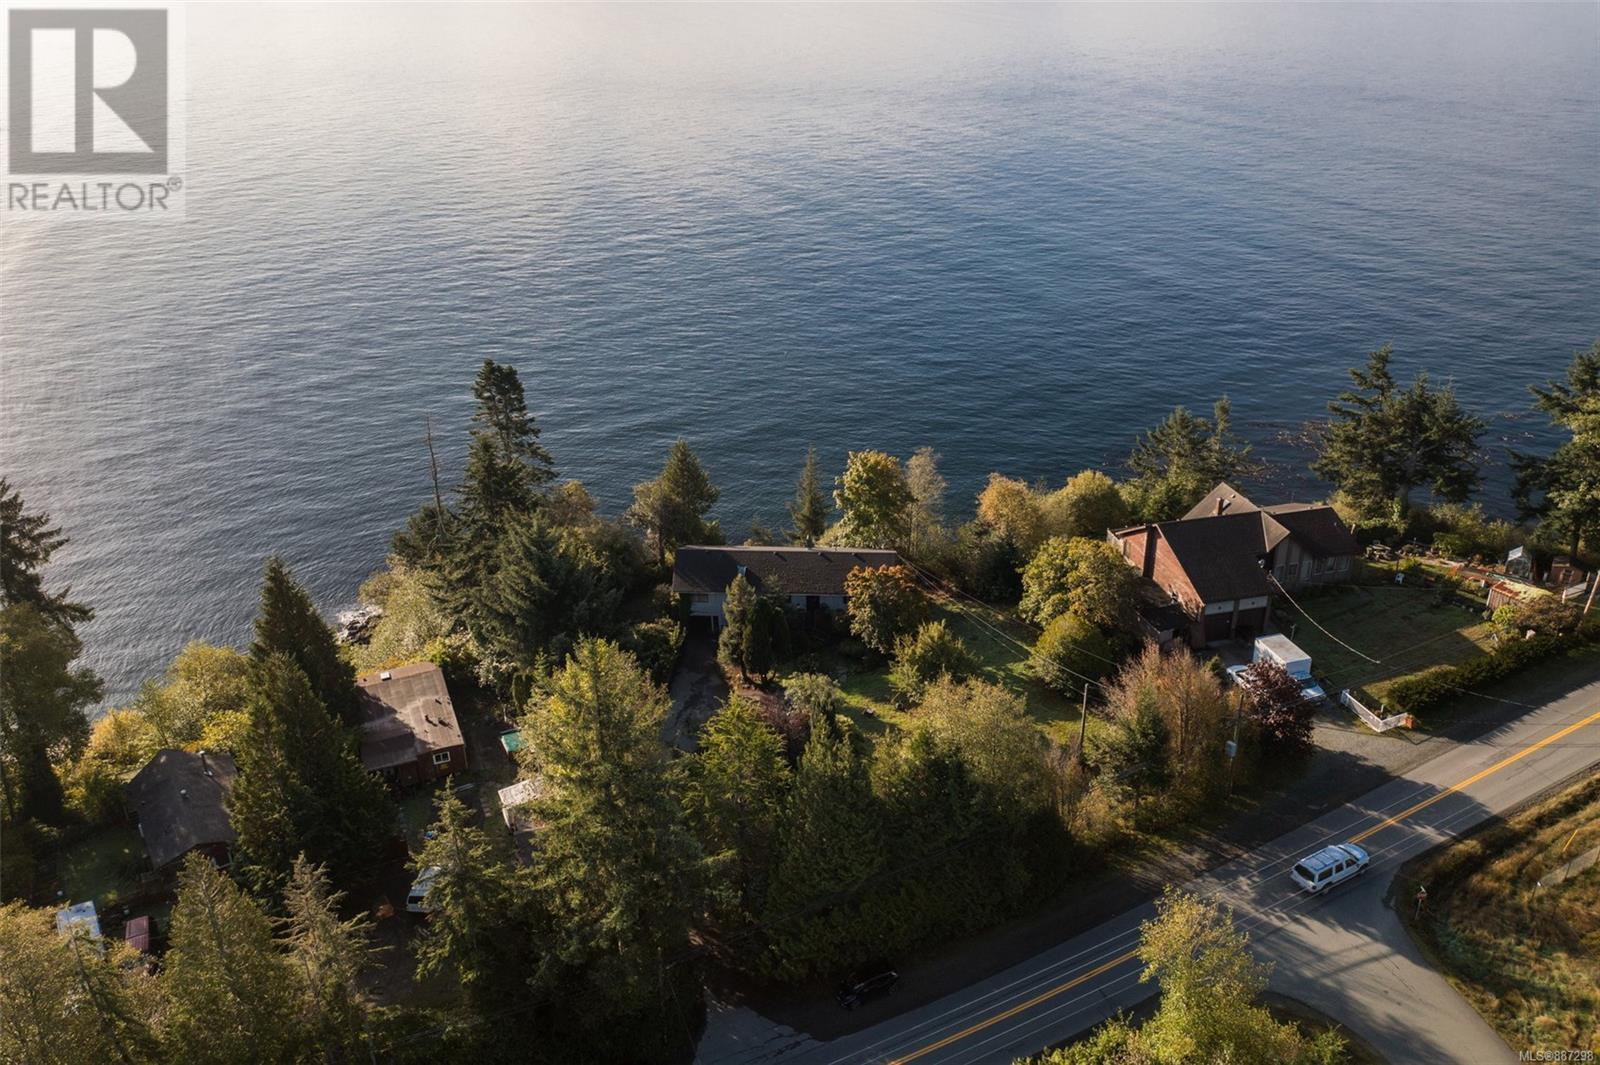 8233 West Coast RdSooke, British Columbia  V9Z 1E1 - Photo 2 - 887298